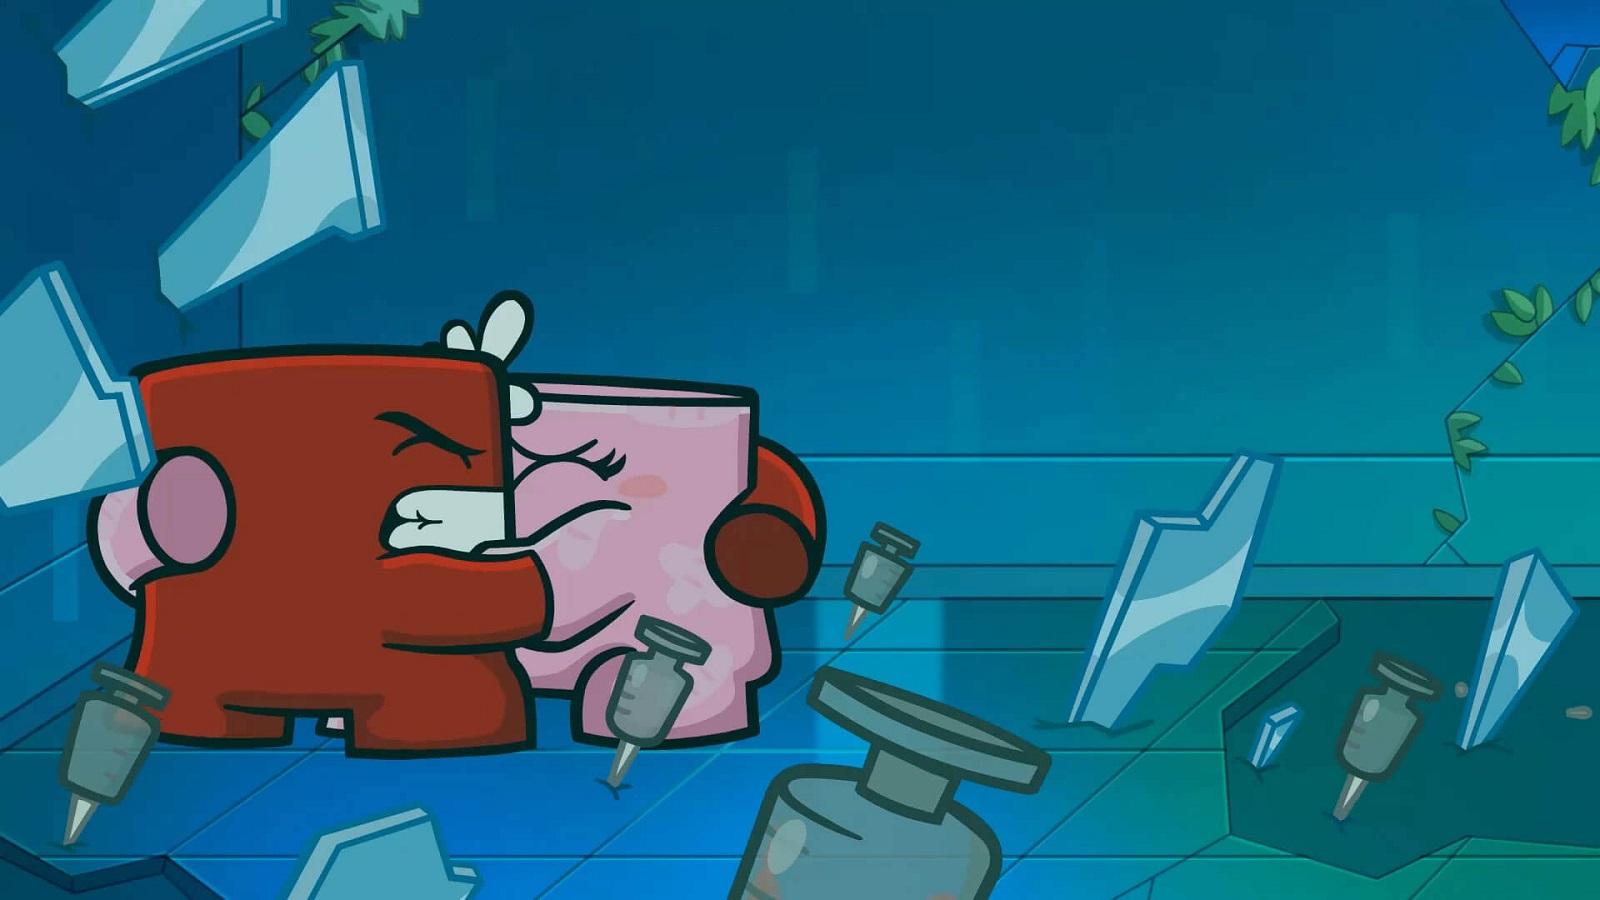 Super Meat Boy Forever выйдет 23 декабря на Switch и ПК, а до PS4 и Xbox One доберётся в январе